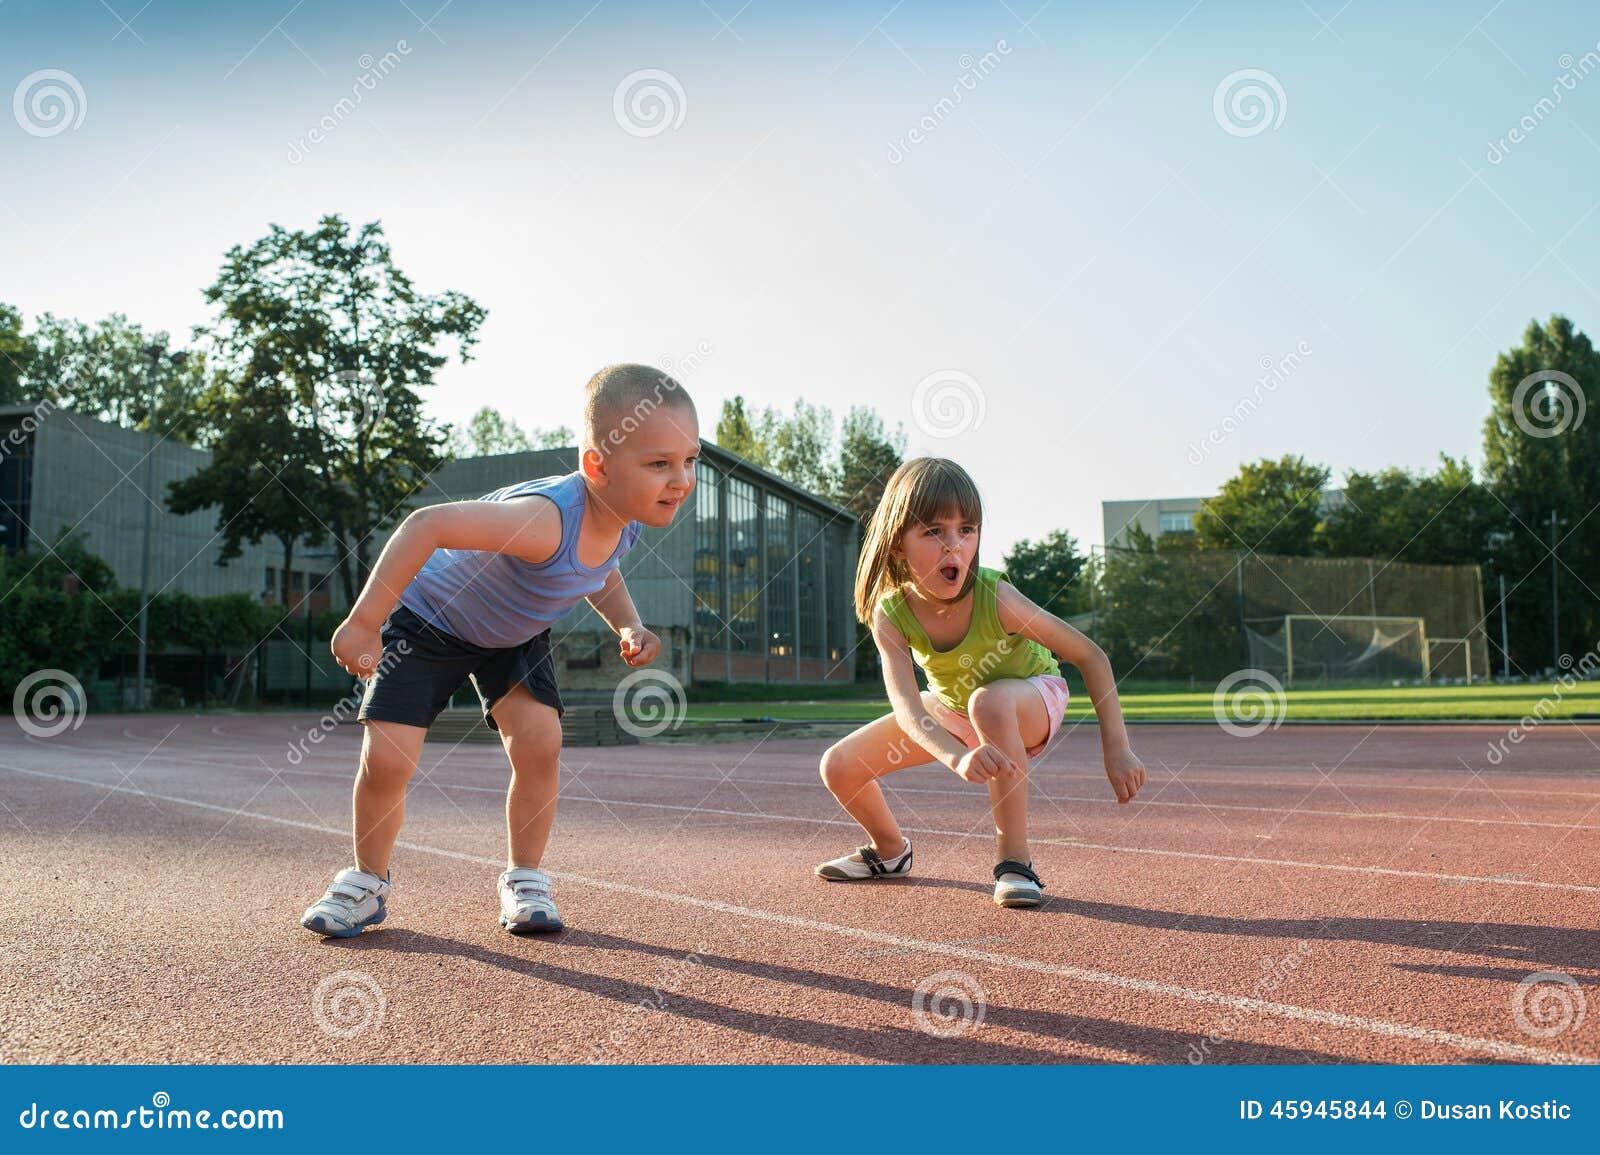 Children Running Stock Photo - Image: 45945844